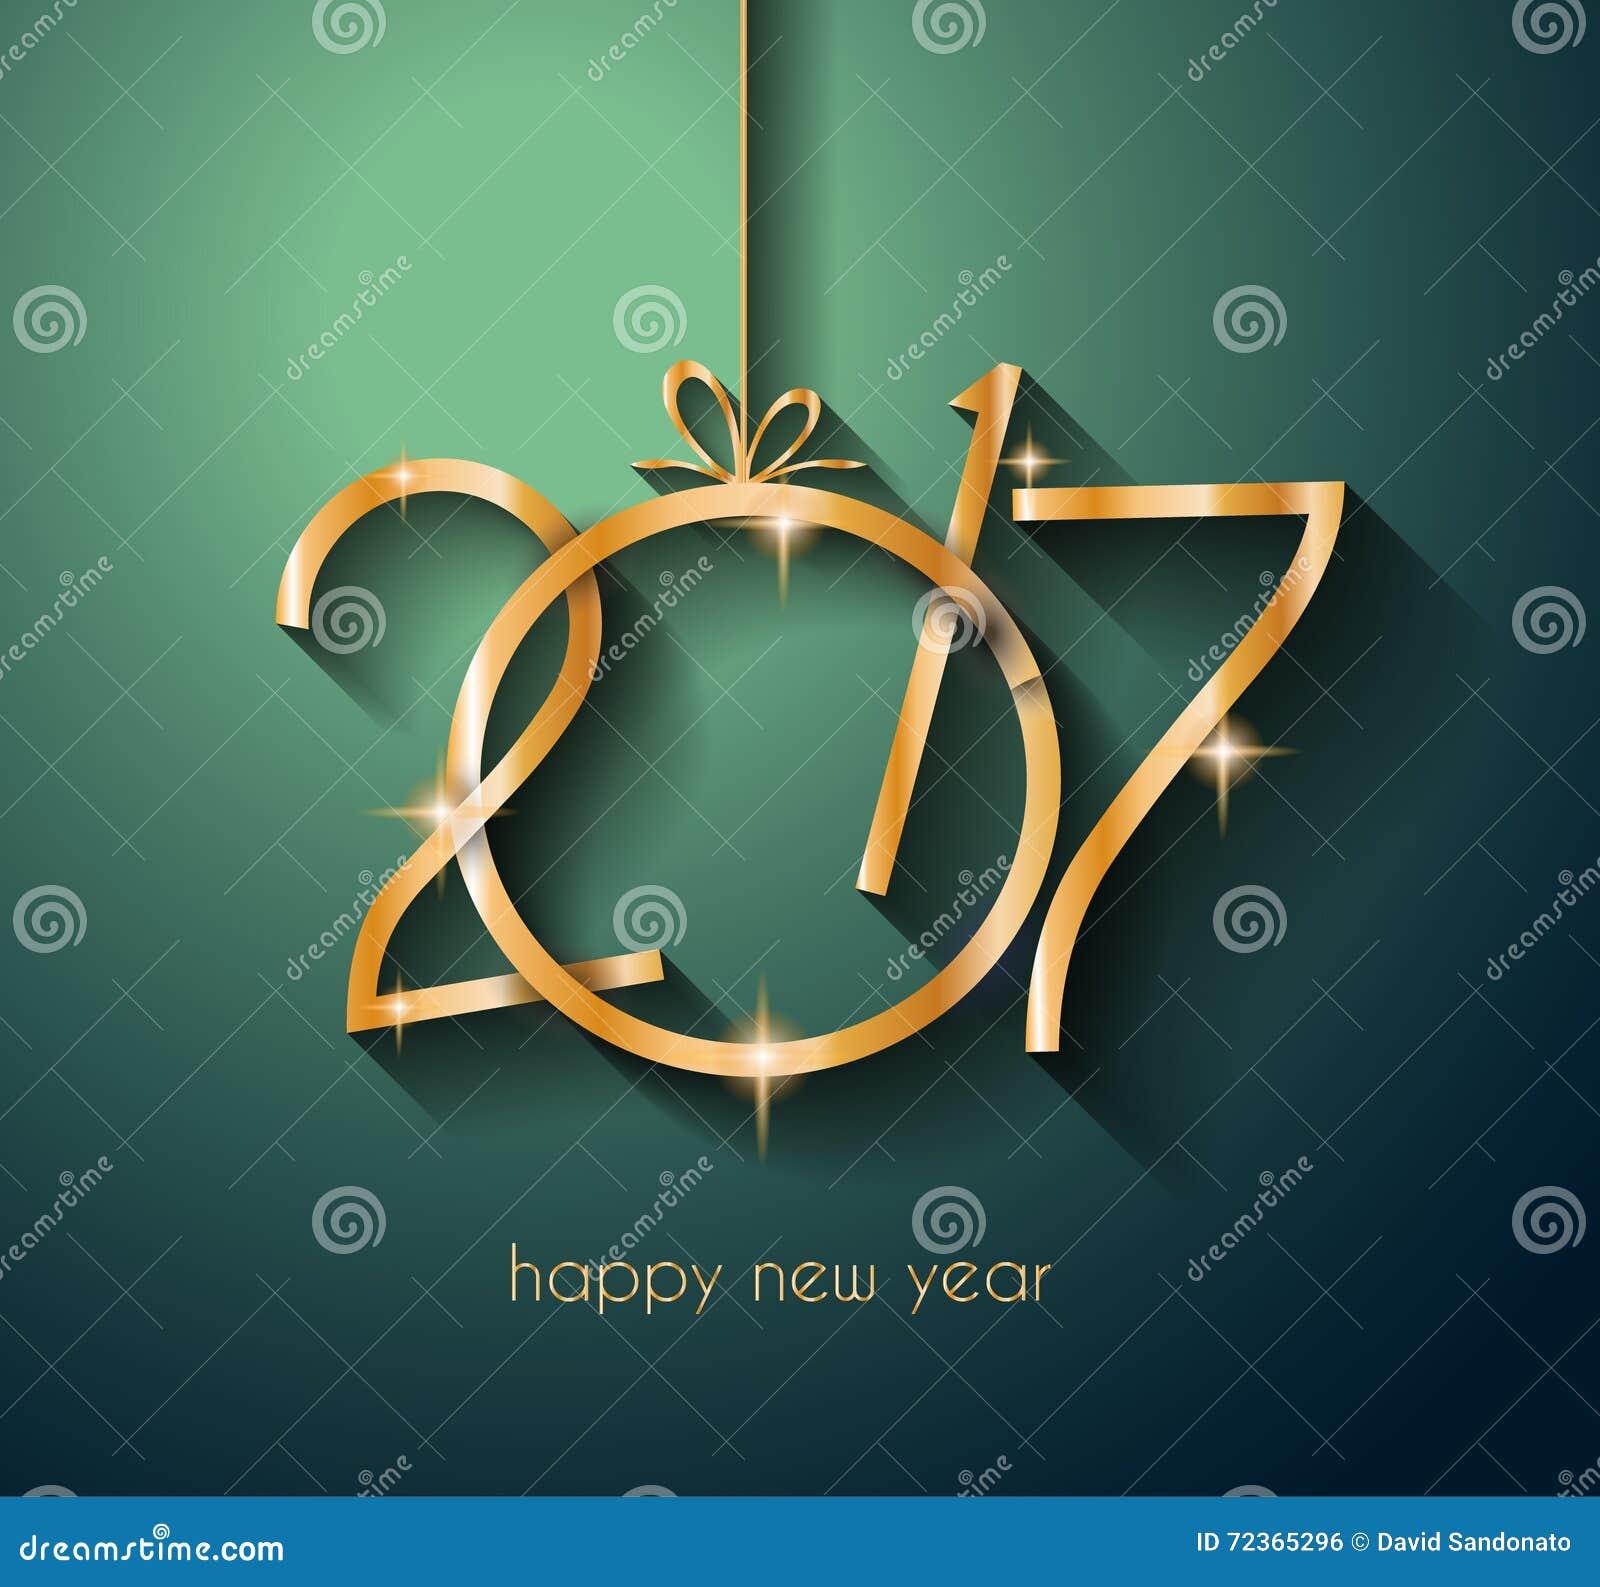 2017年您的飞行物和贺卡的新年快乐背景